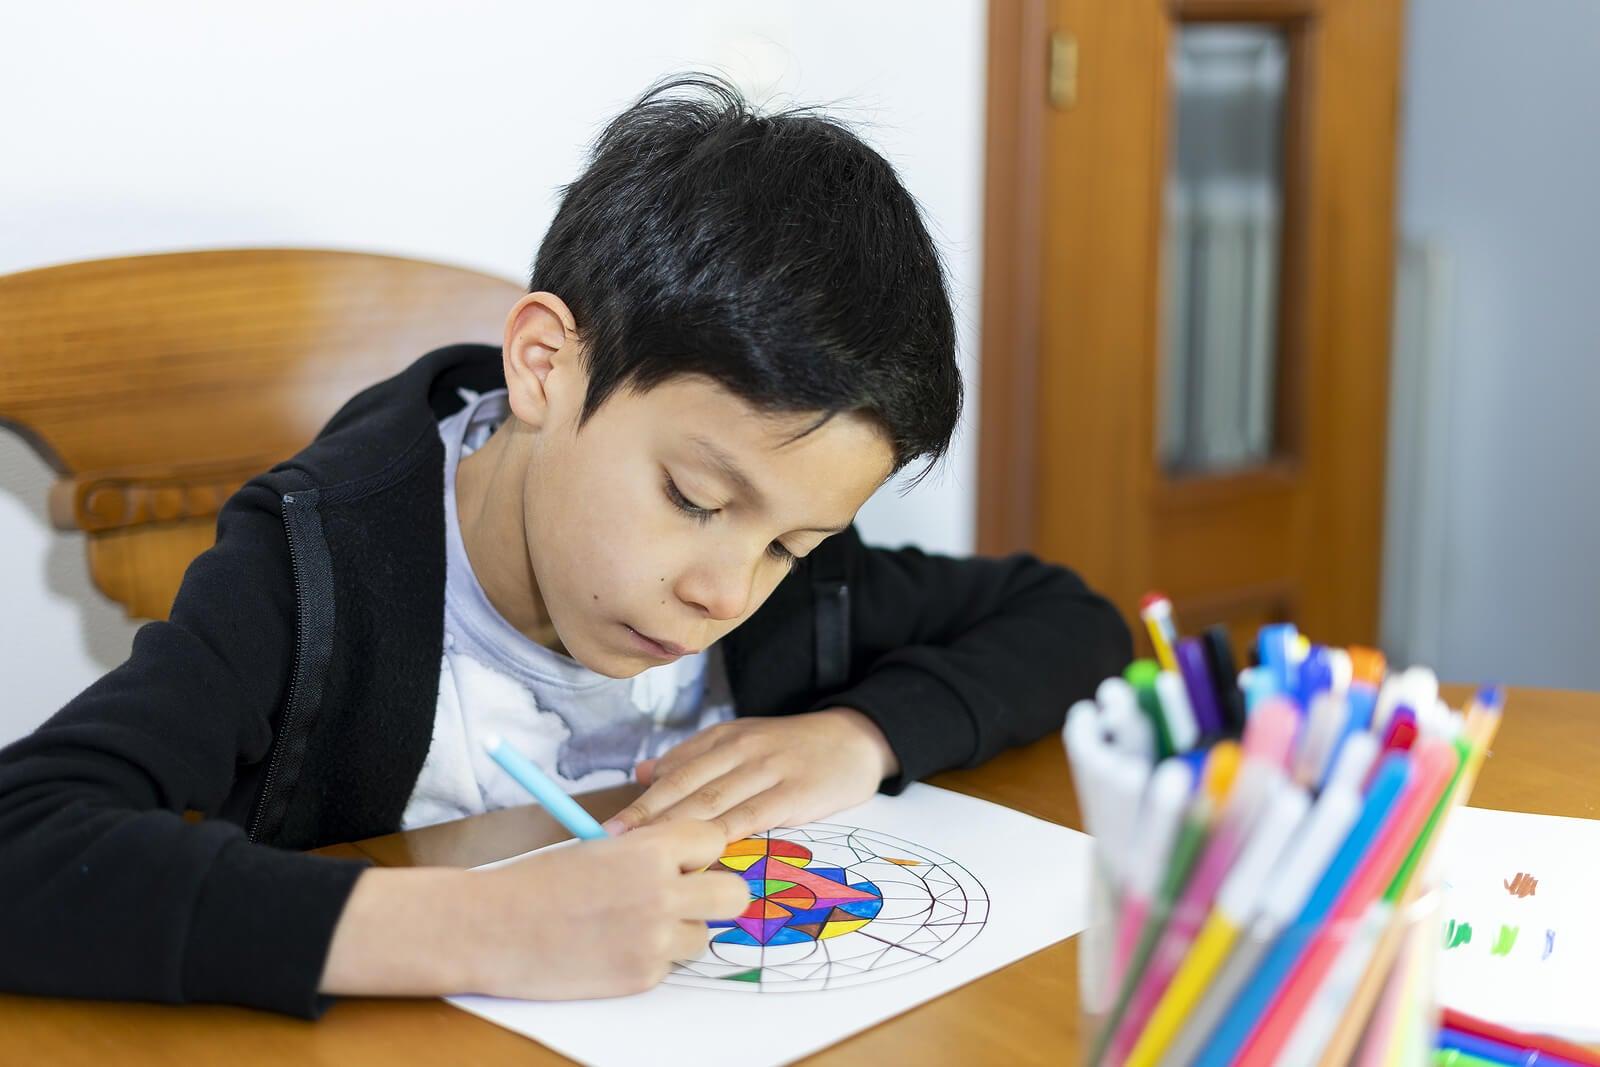 Niño pintando mandalas, uno de los métodos de relajación para niños por edades.